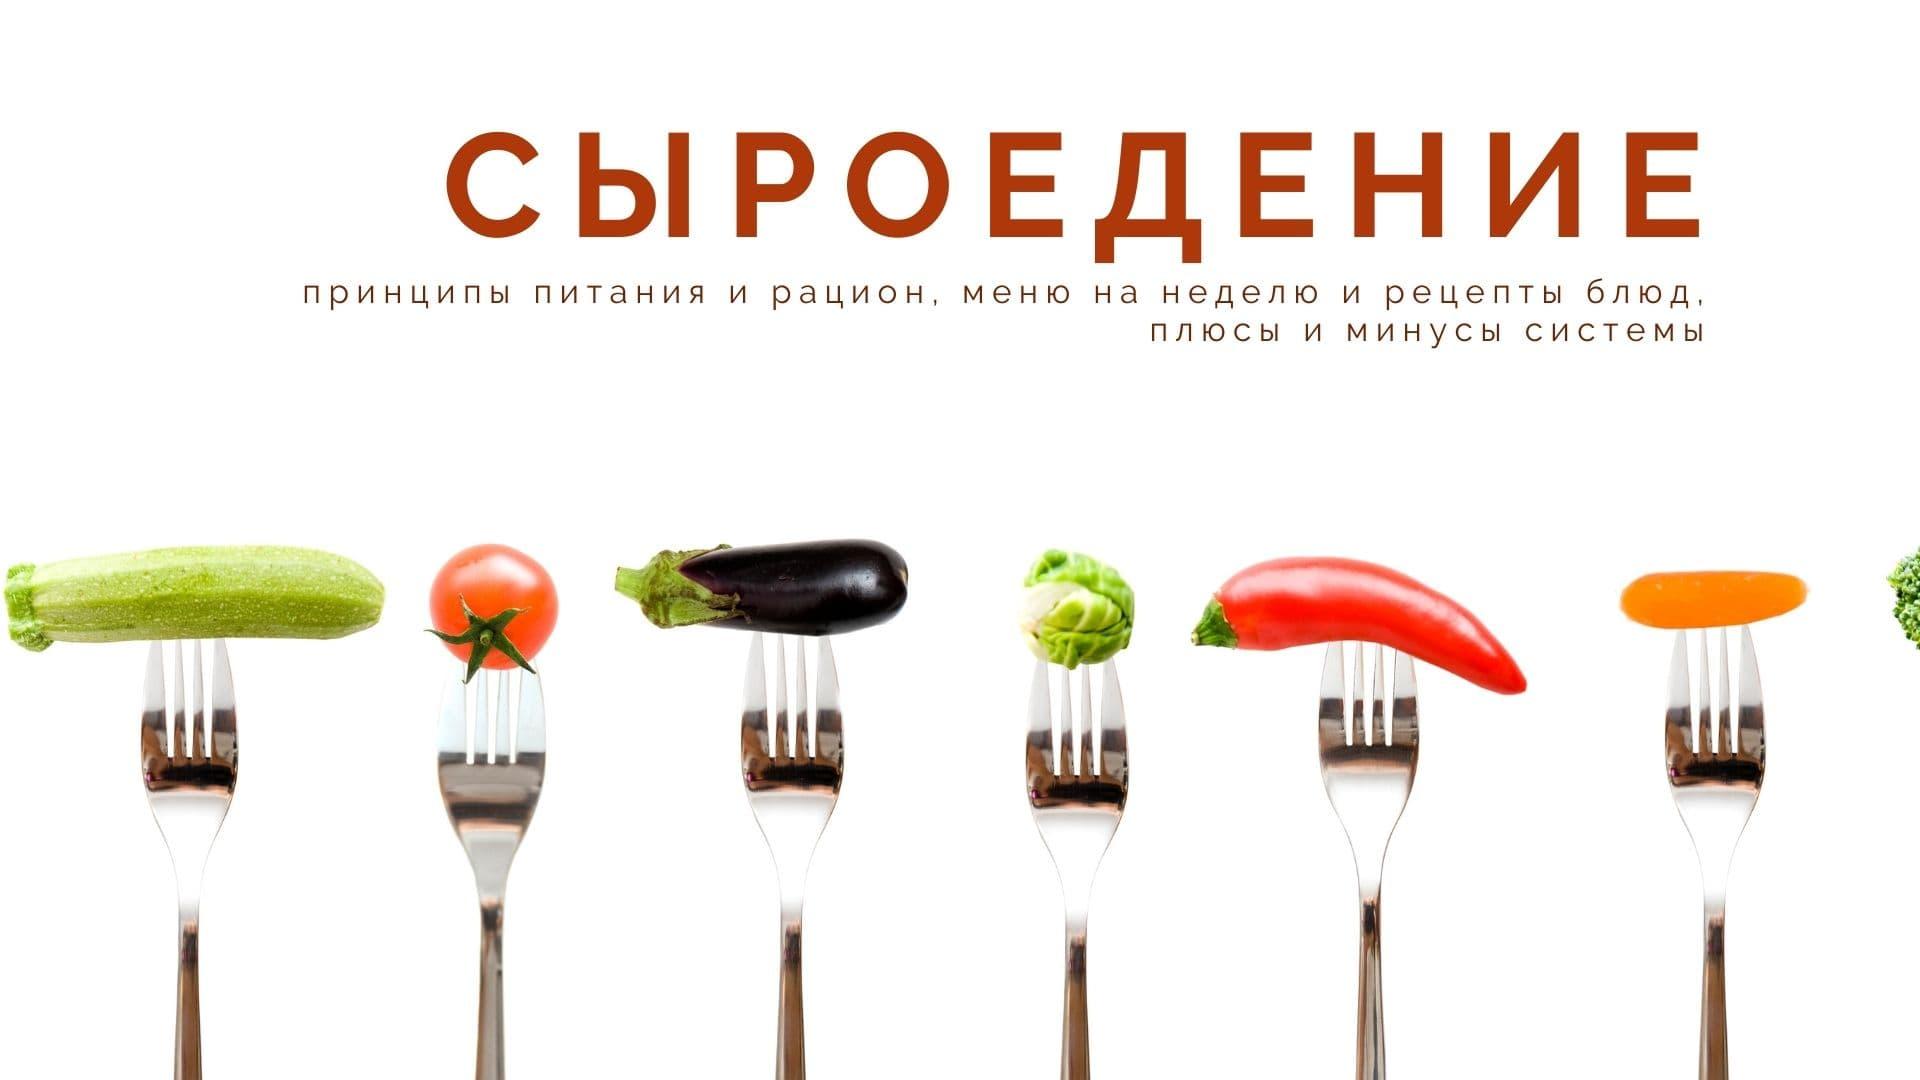 Сыроедение в пост: что едят, принципы питания и рацион, меню на неделю и рецепты блюд, плюсы и минусы системы